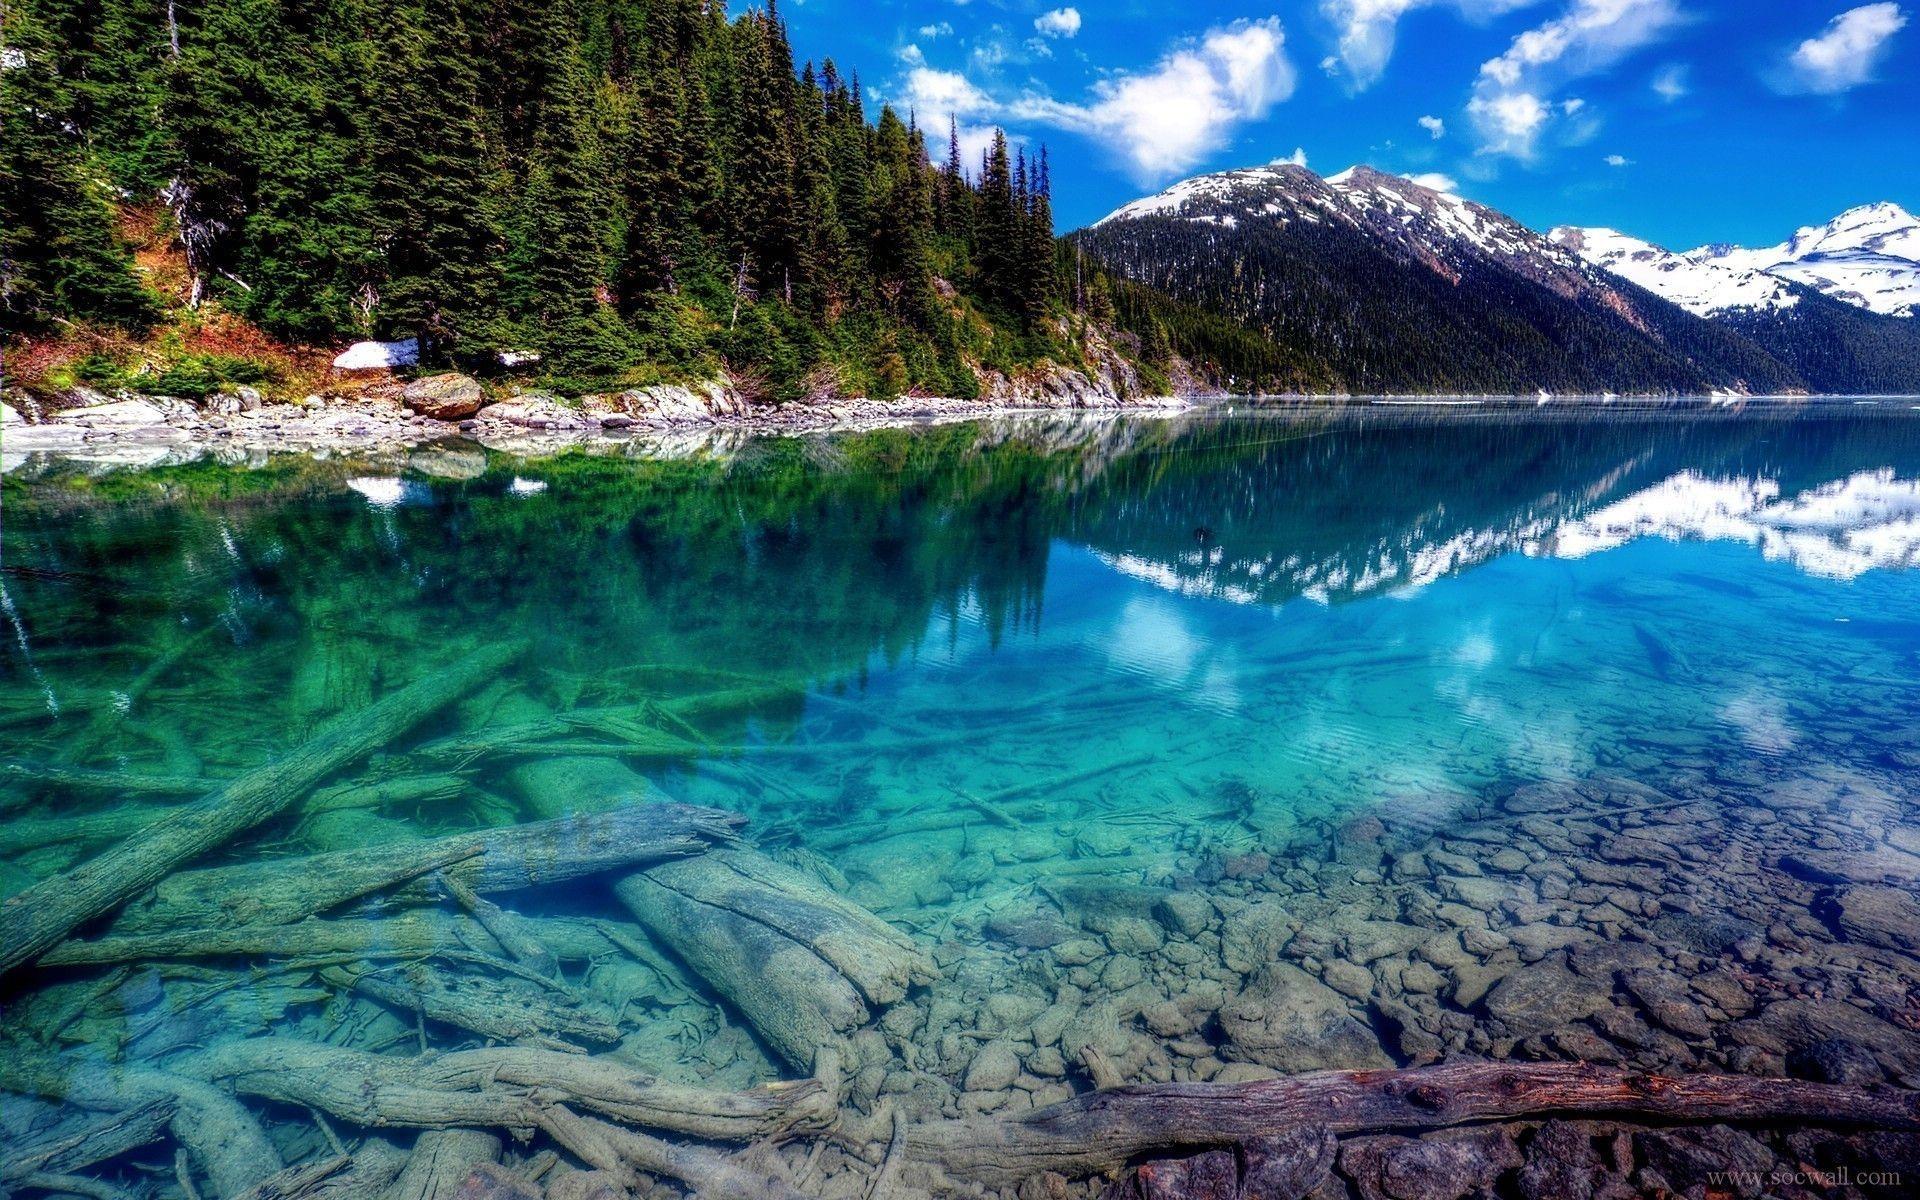 4k Nature Photos Wallpaper Download High Resolution 4k Wallpaper